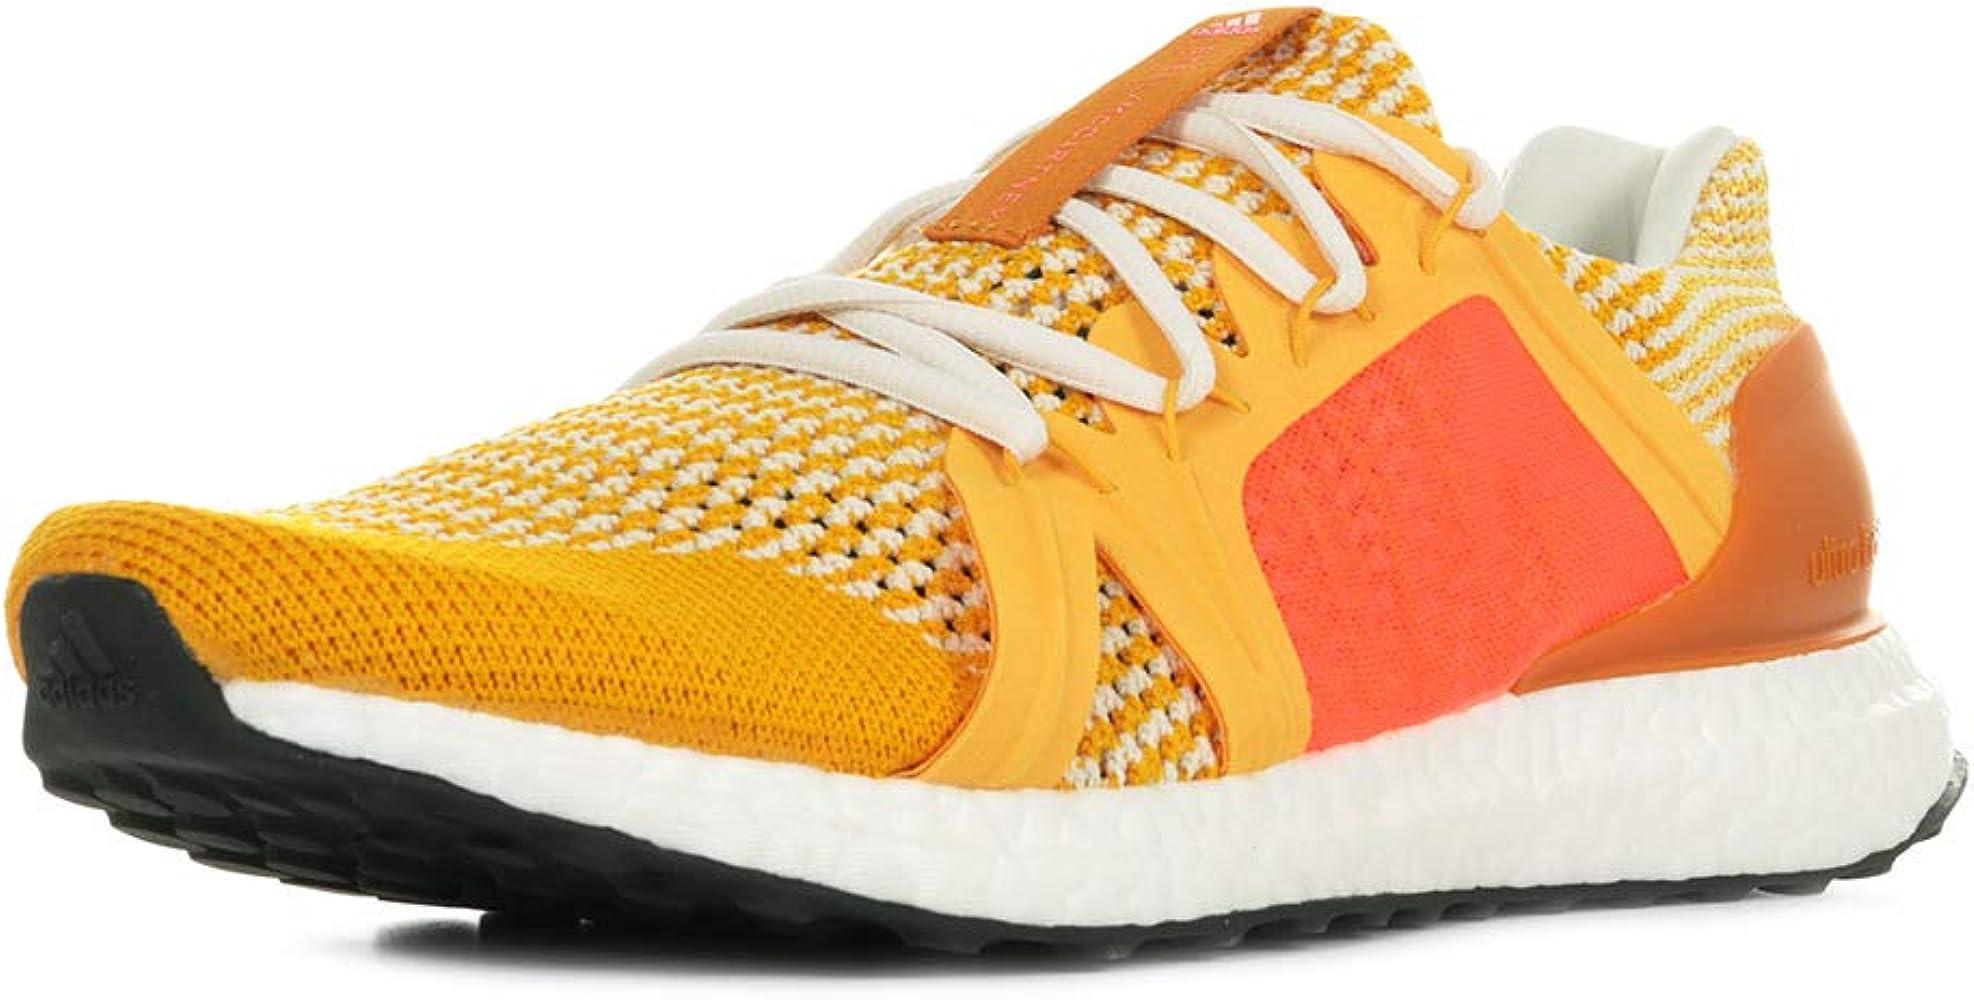 scarpe adidas ragazza 39